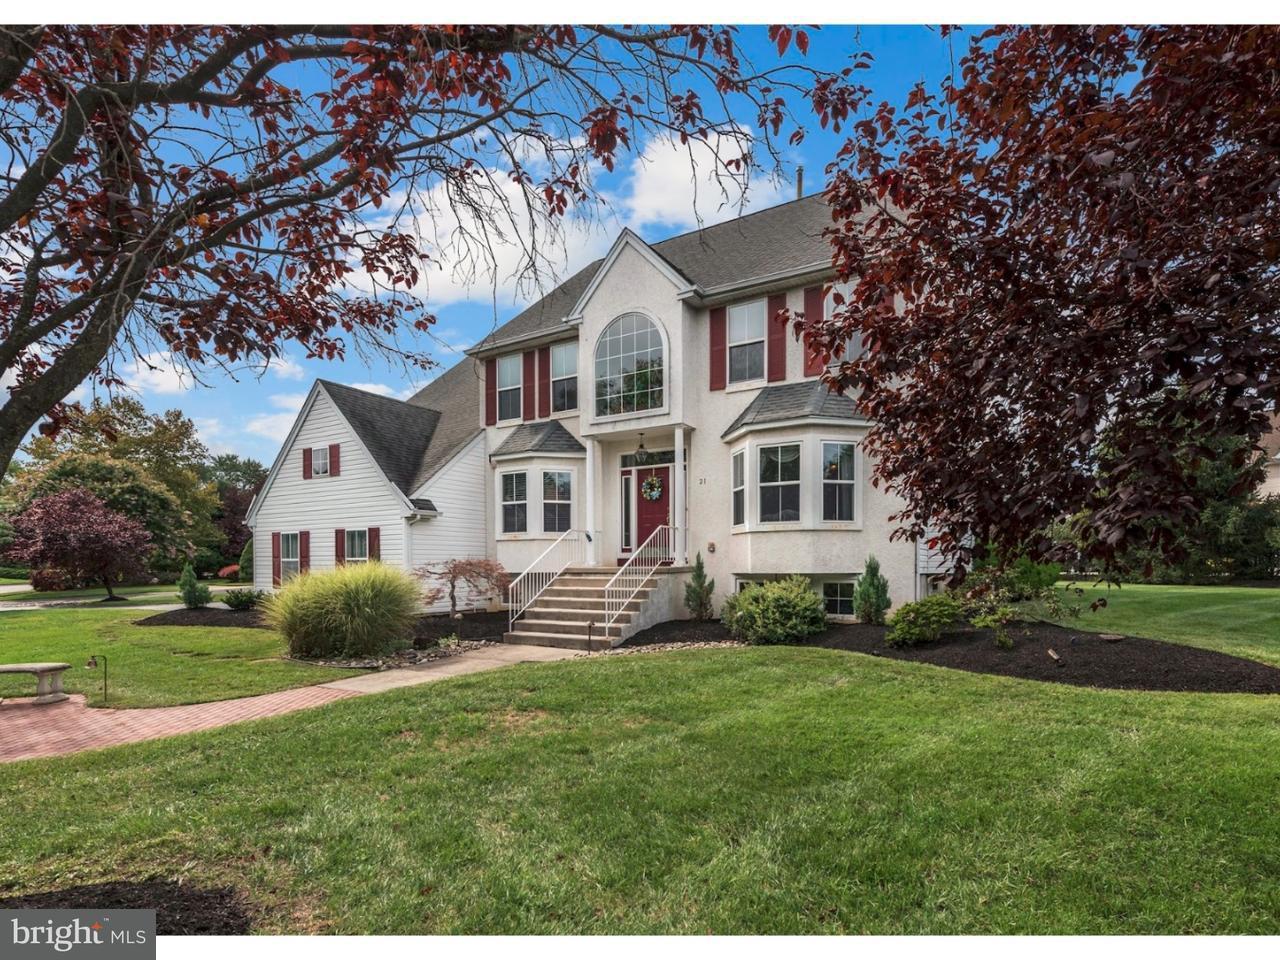 Maison unifamiliale pour l Vente à 21 EMERSON Drive Cinnaminson, New Jersey 08077 États-Unis